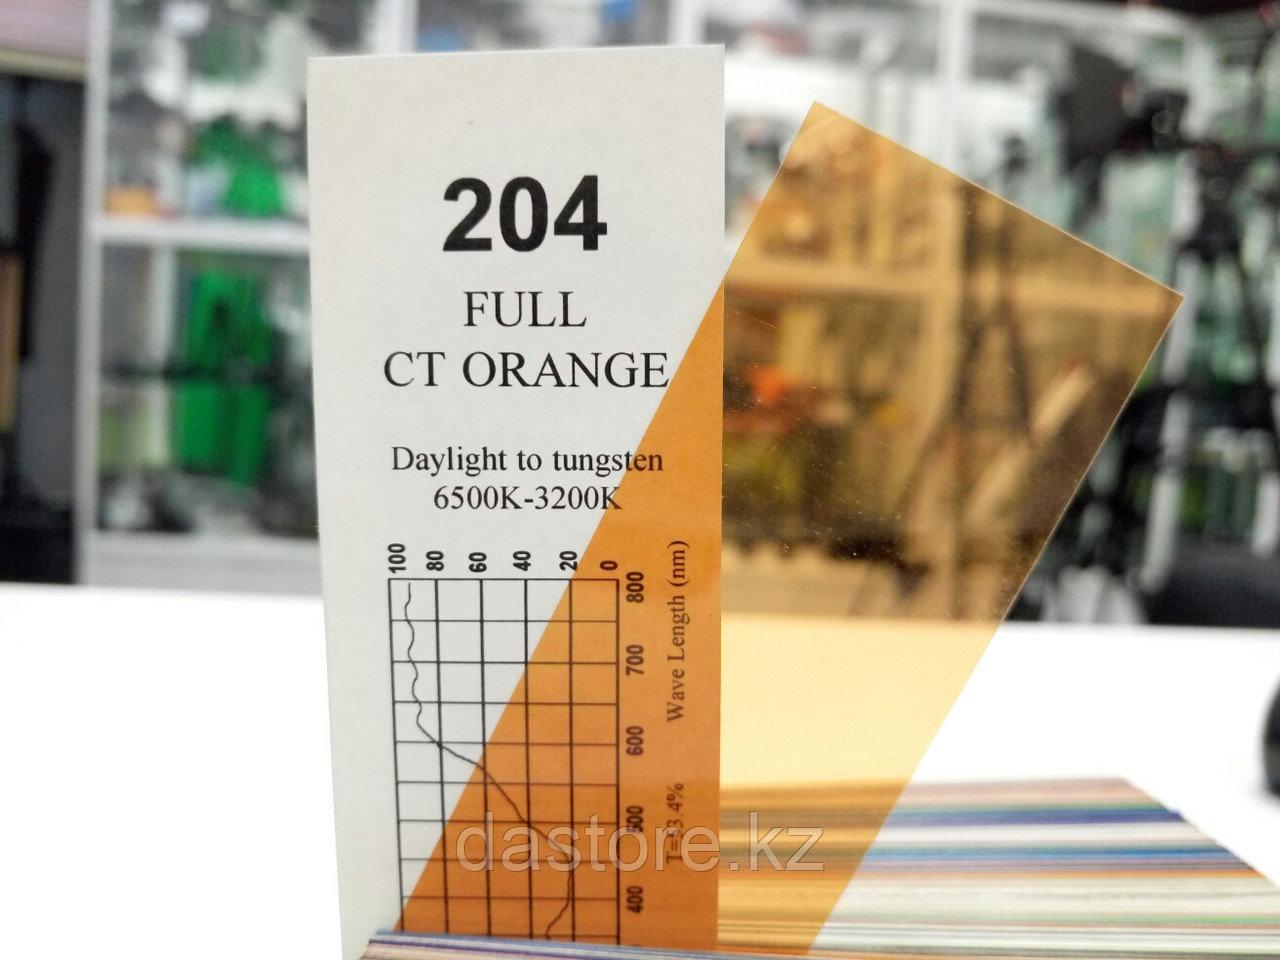 Cotech 204 FULL CT ORANGE светофильтр для осветительных приборов